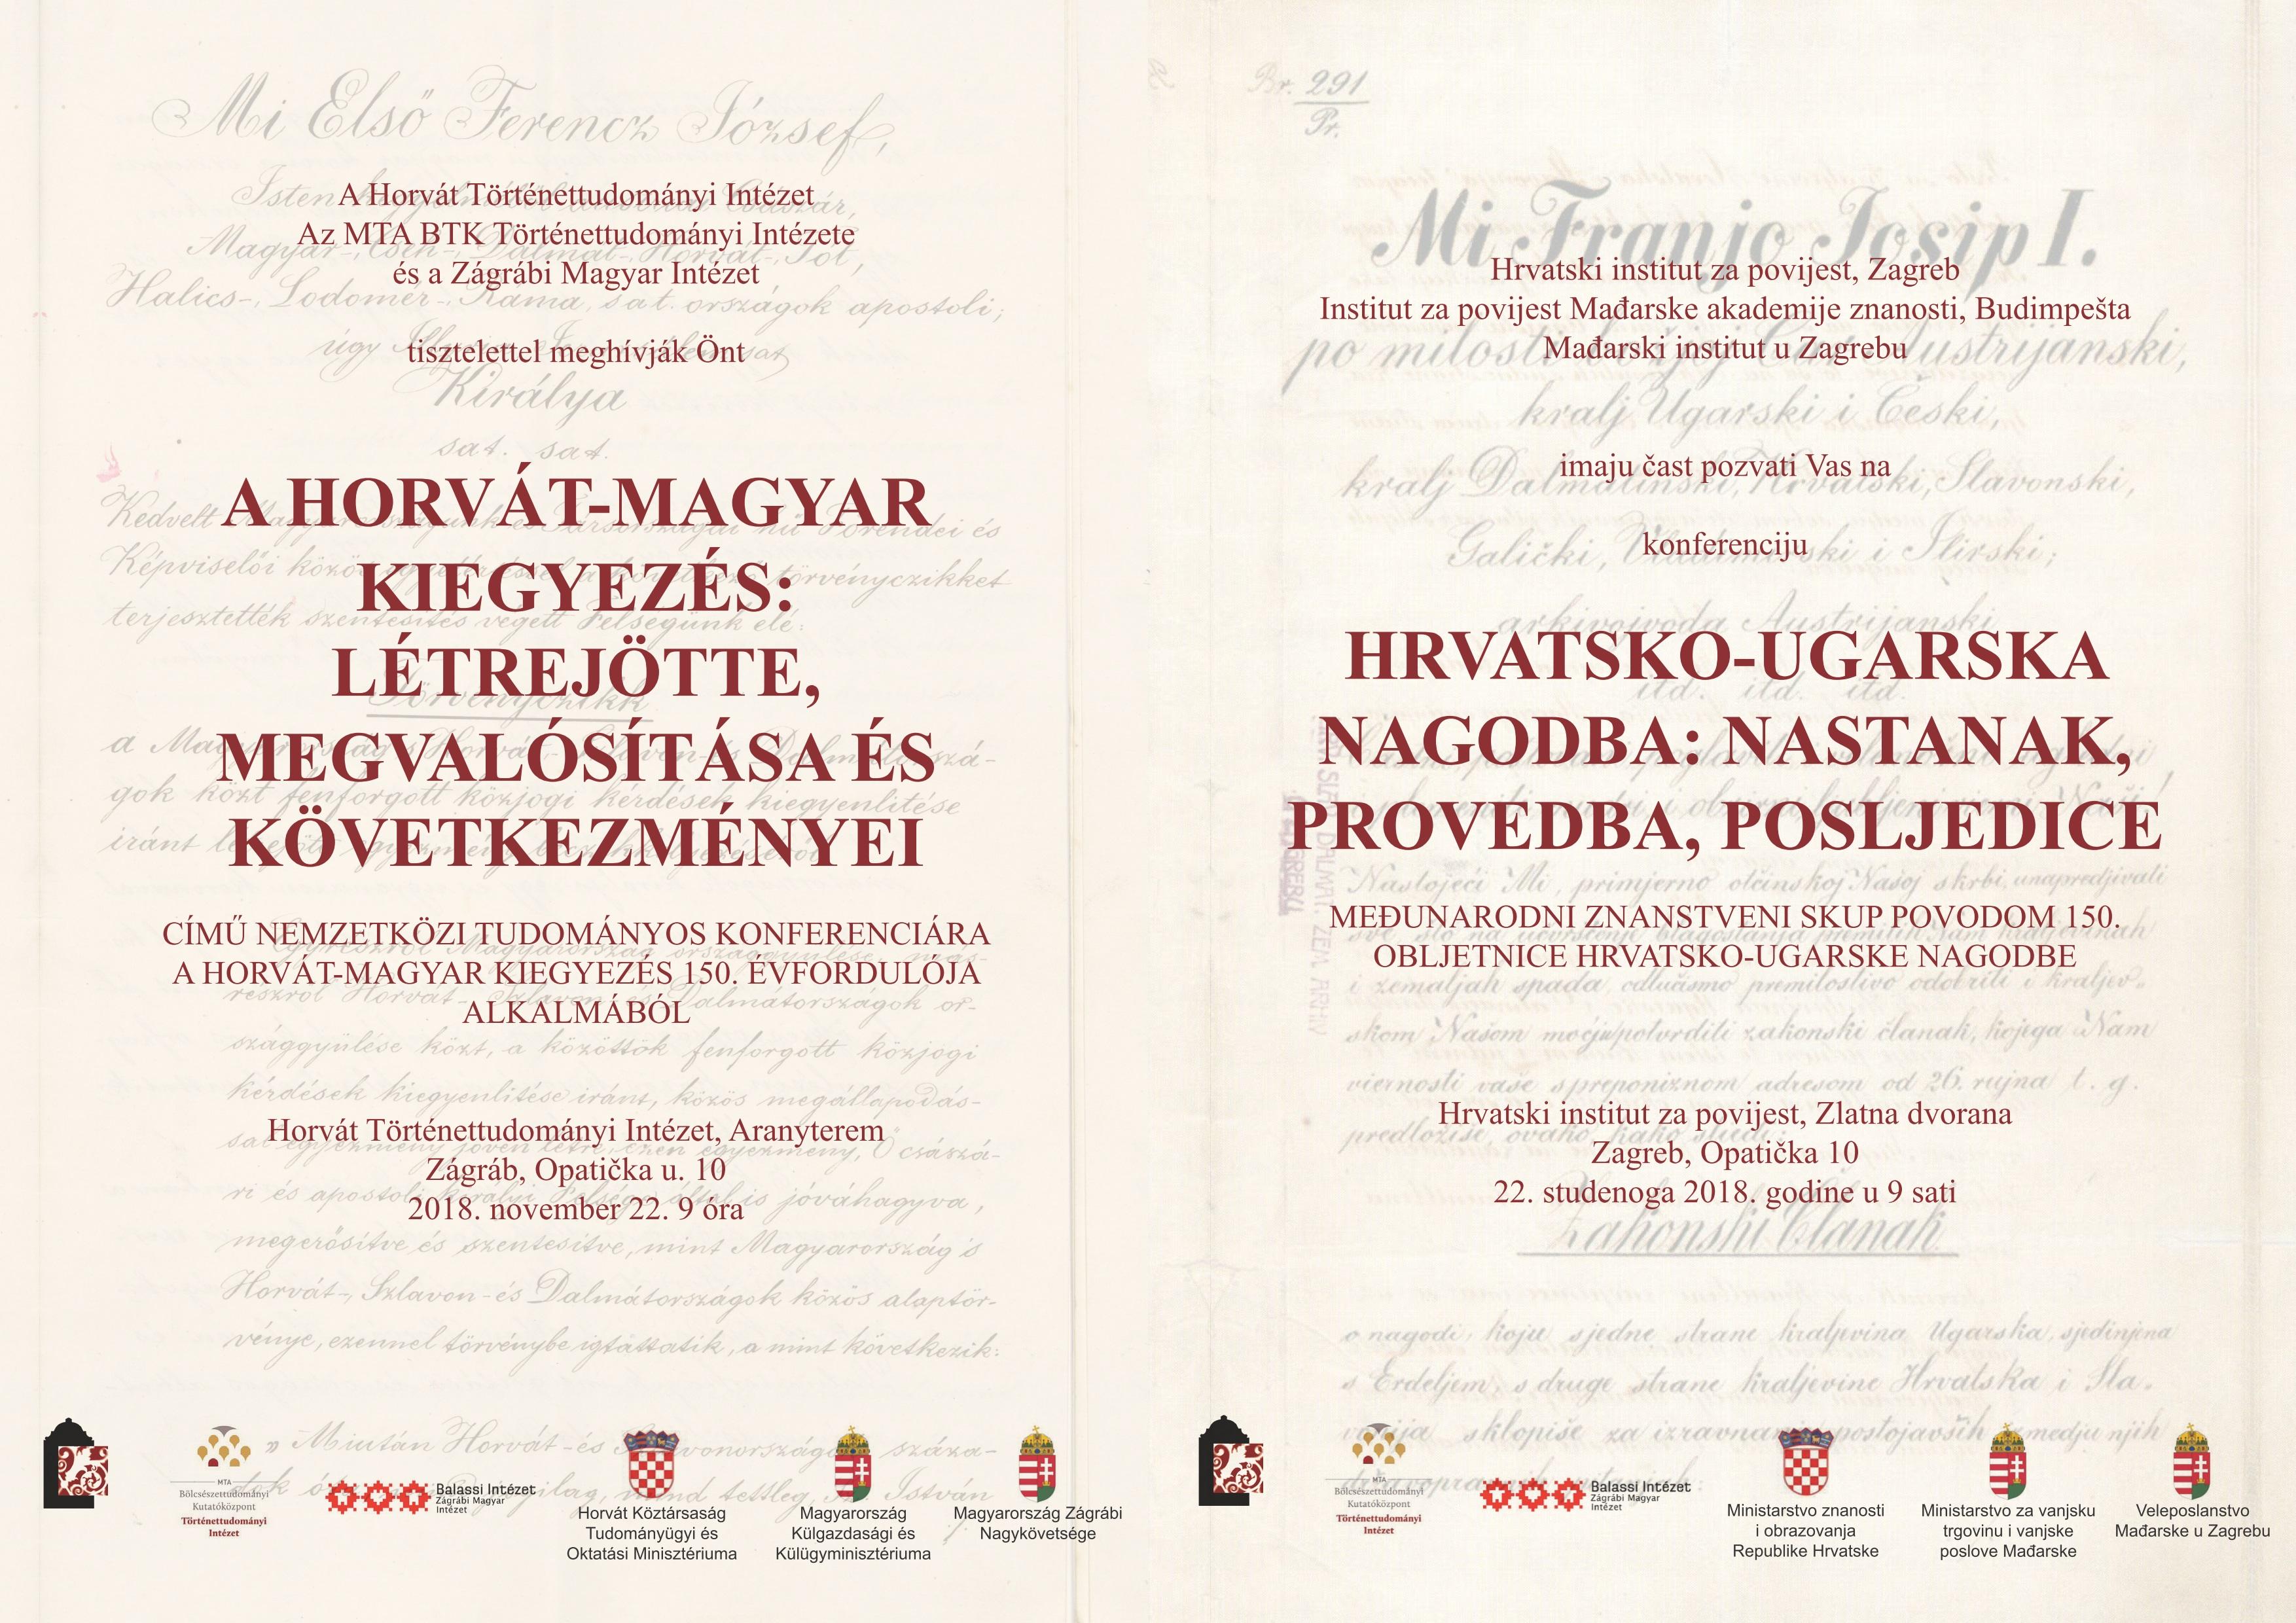 Hrvatsko-ugarska_nagodba_POZIVNICA_01